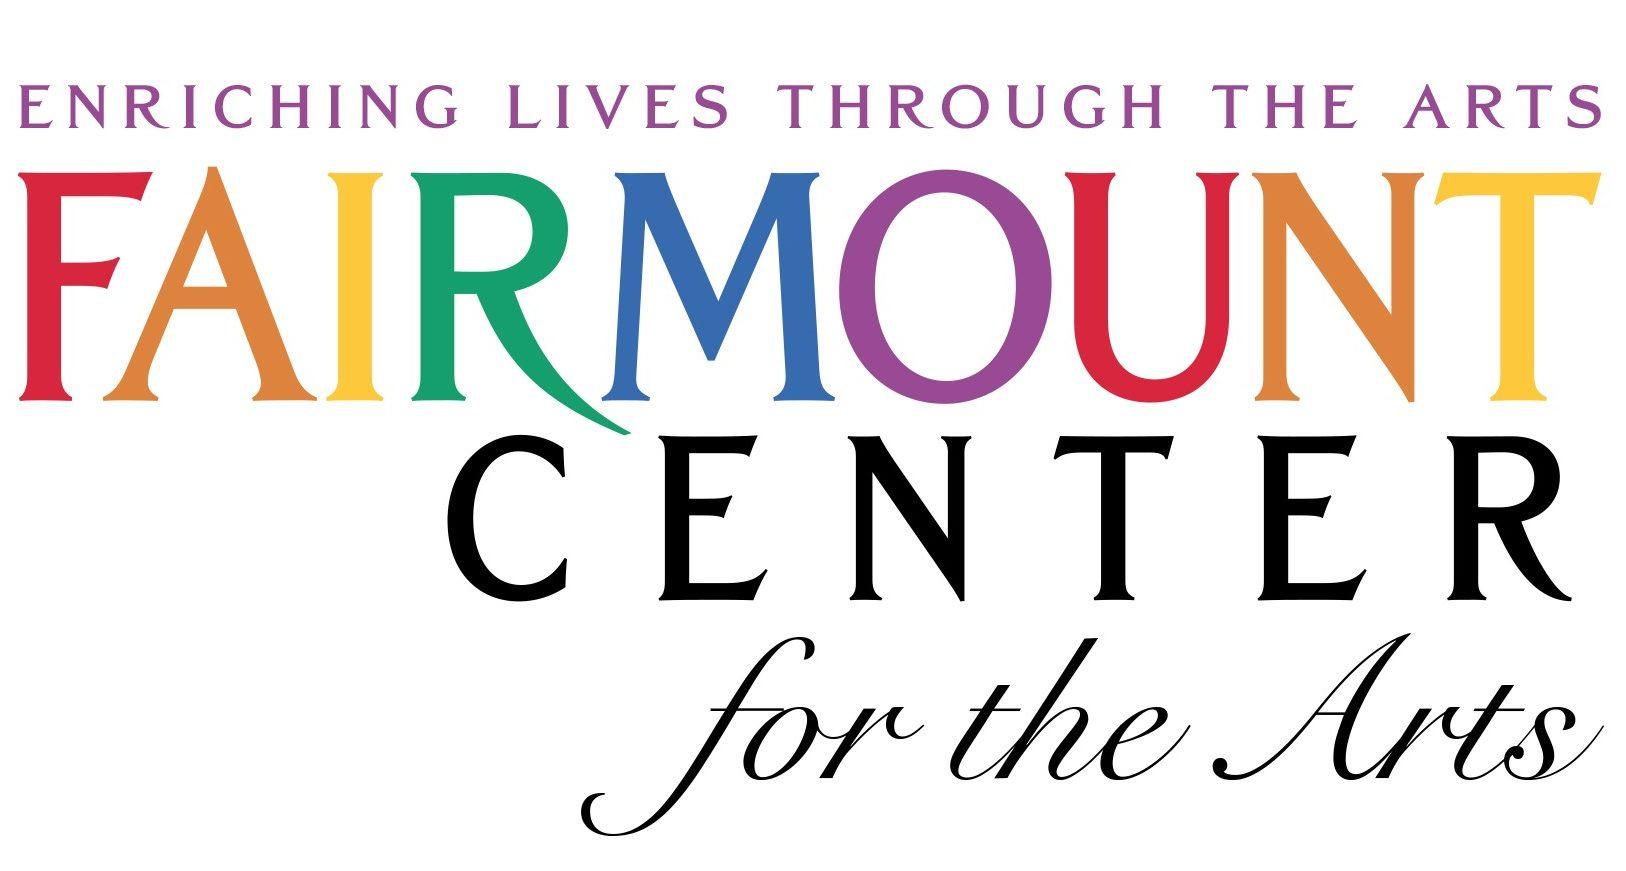 Fairmount Center for the Arts